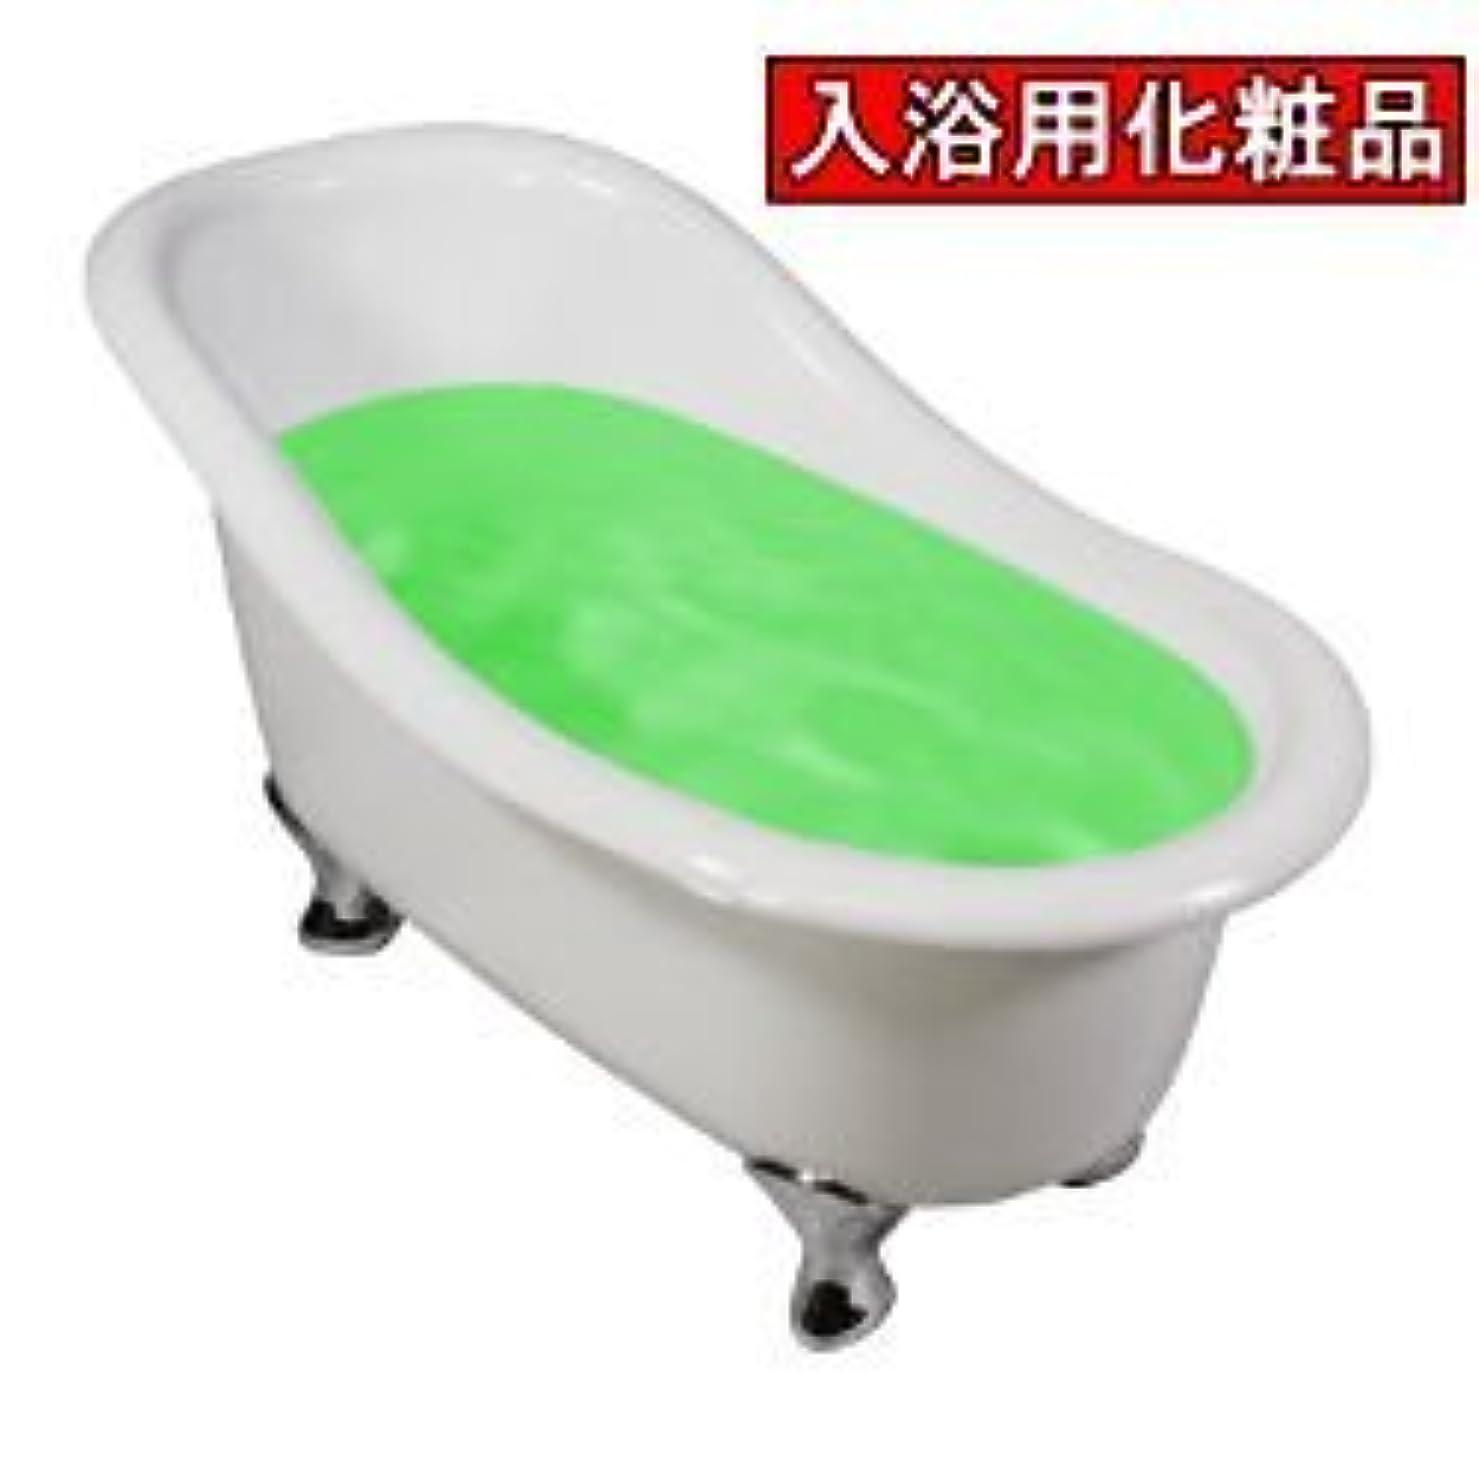 合理化アシスタントそこから業務用入浴剤イヴタス ヒアルロン酸 17kg 業務用サイズ